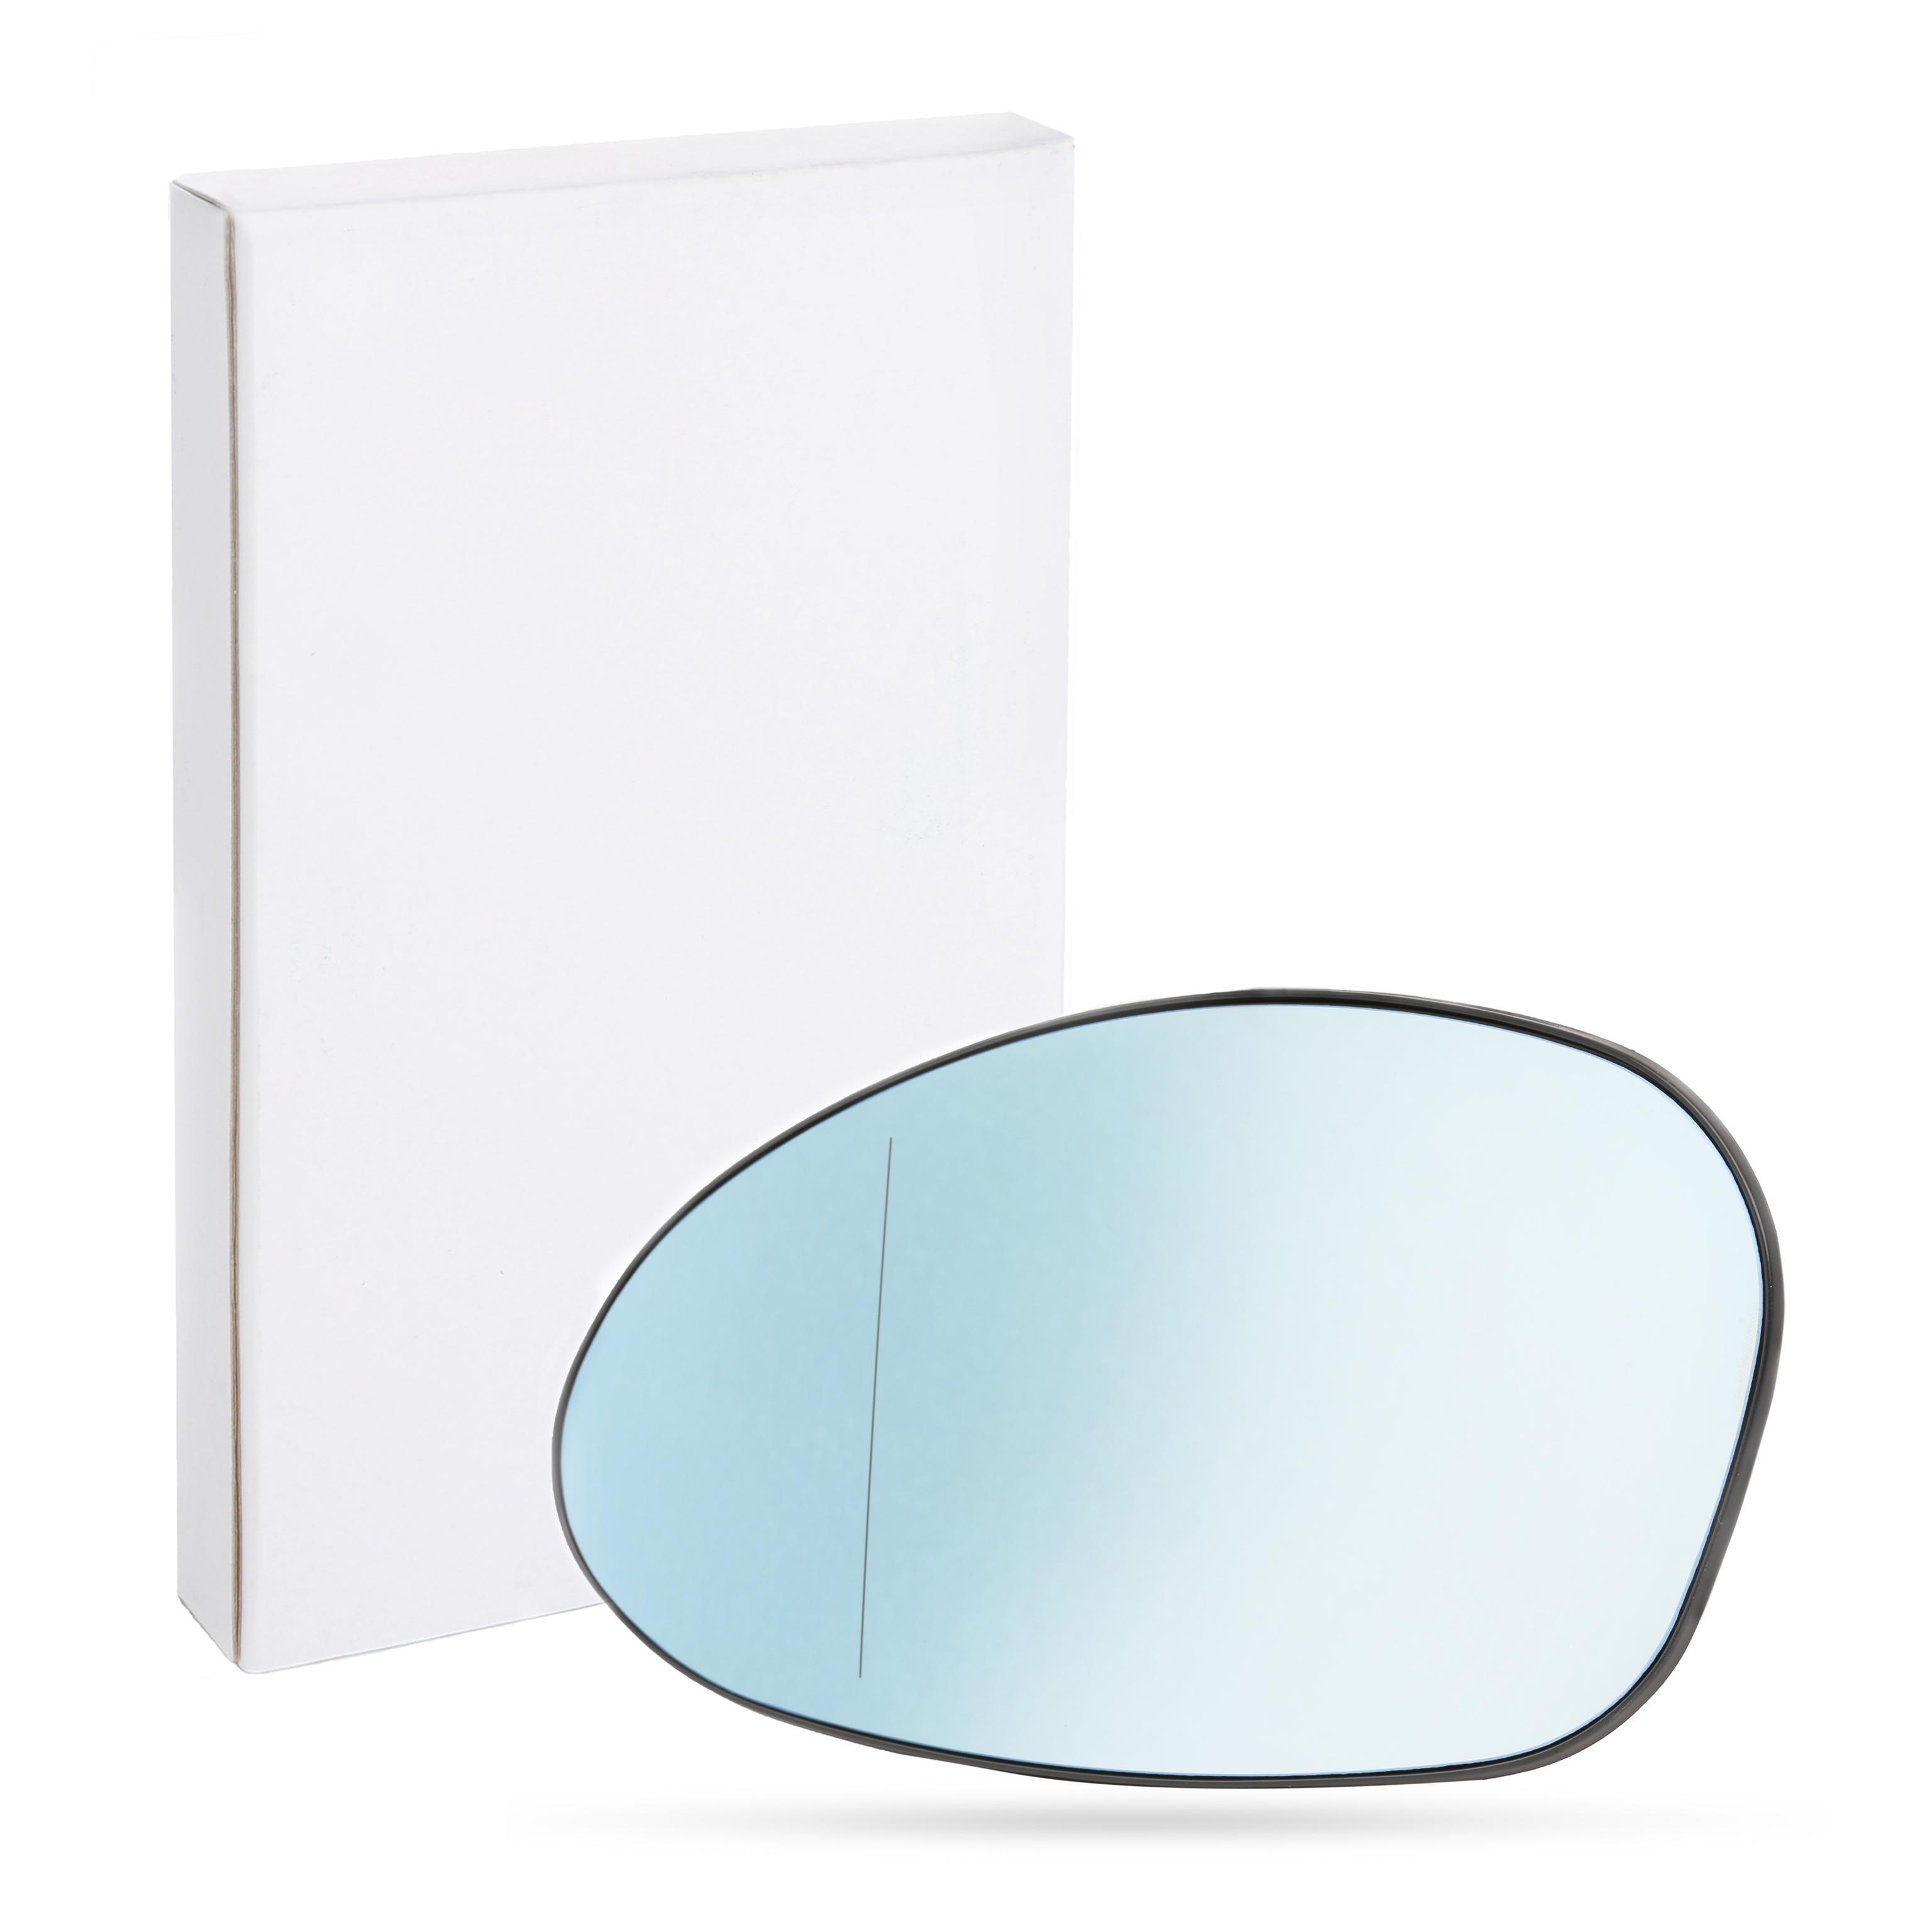 Vetro specchio retrovisore 20 01 37-81 JOHNS — Solo ricambi nuovi